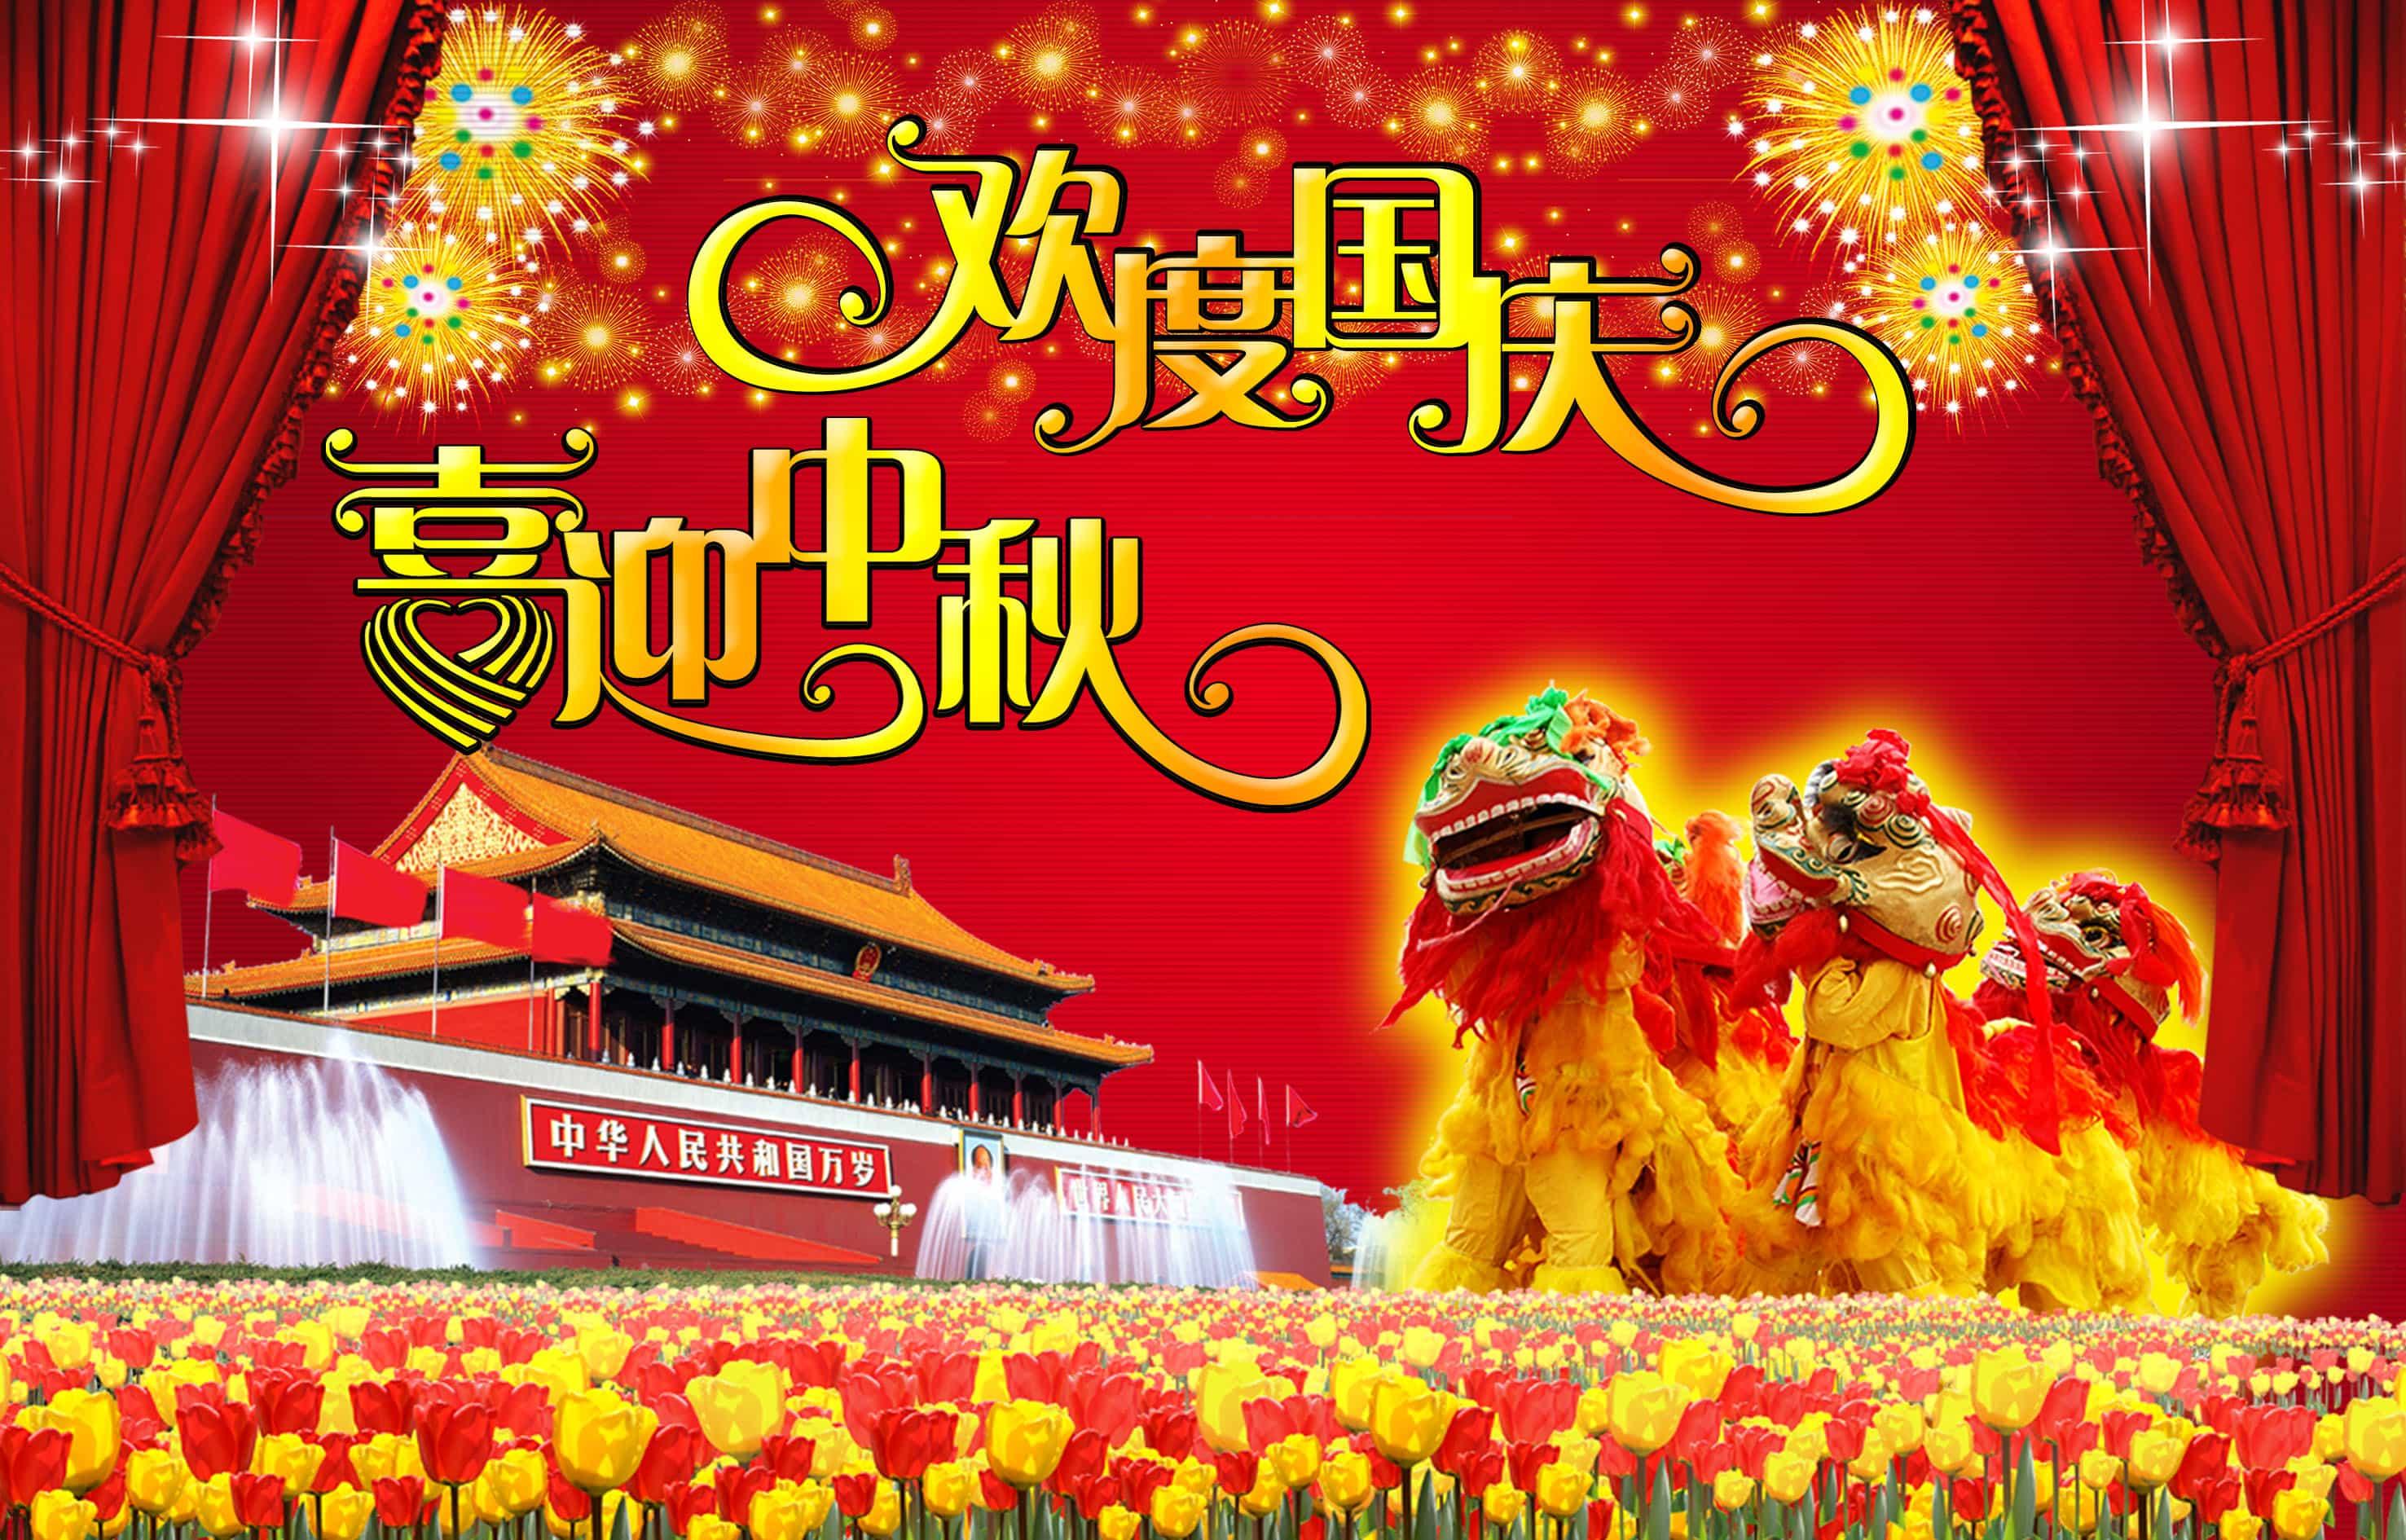 2015年中秋节和国庆节怎么放假图片